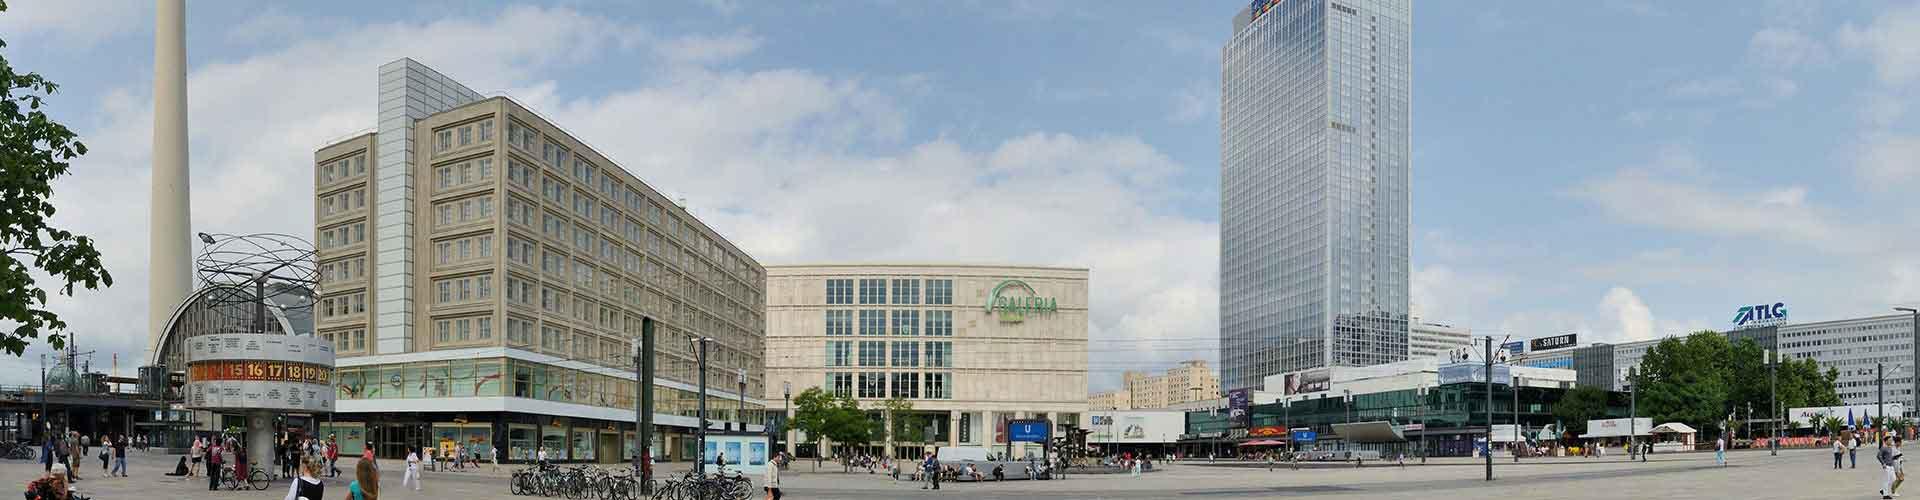 Berlin - Hostele w pobliżu: Alexanderplatz. Mapy: Berlin, Zdjęcia i Recenzje dla każdego hostelu w mieście: Berlin.